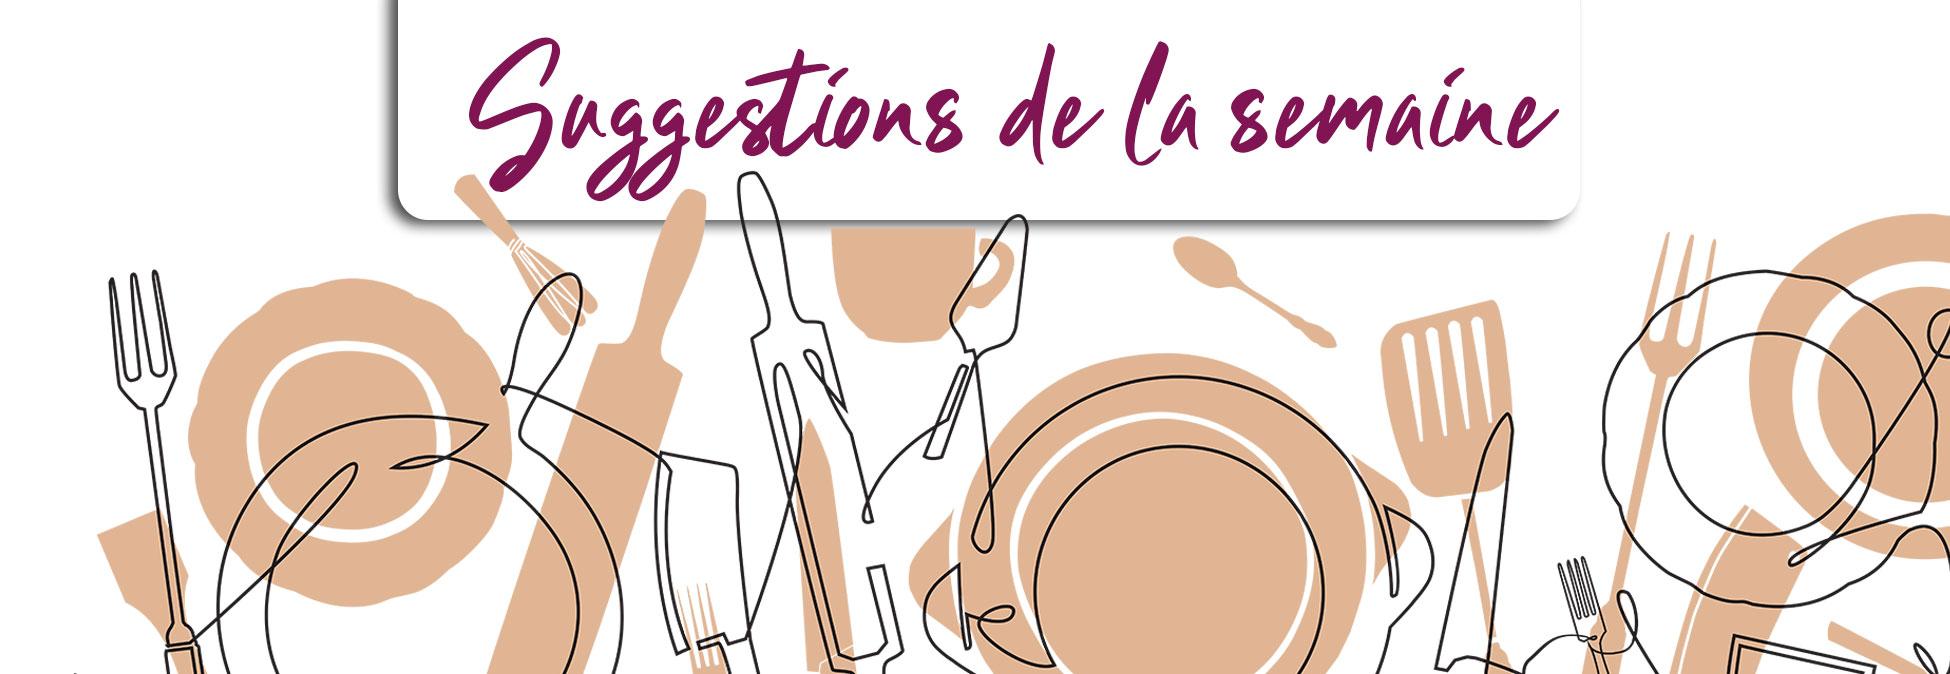 SUGGESTION DE LA SEMAINE SAINT LOUIS DINER LIVE MUSIC RESTAURANT AMERICAIN ISNEAUVILLE